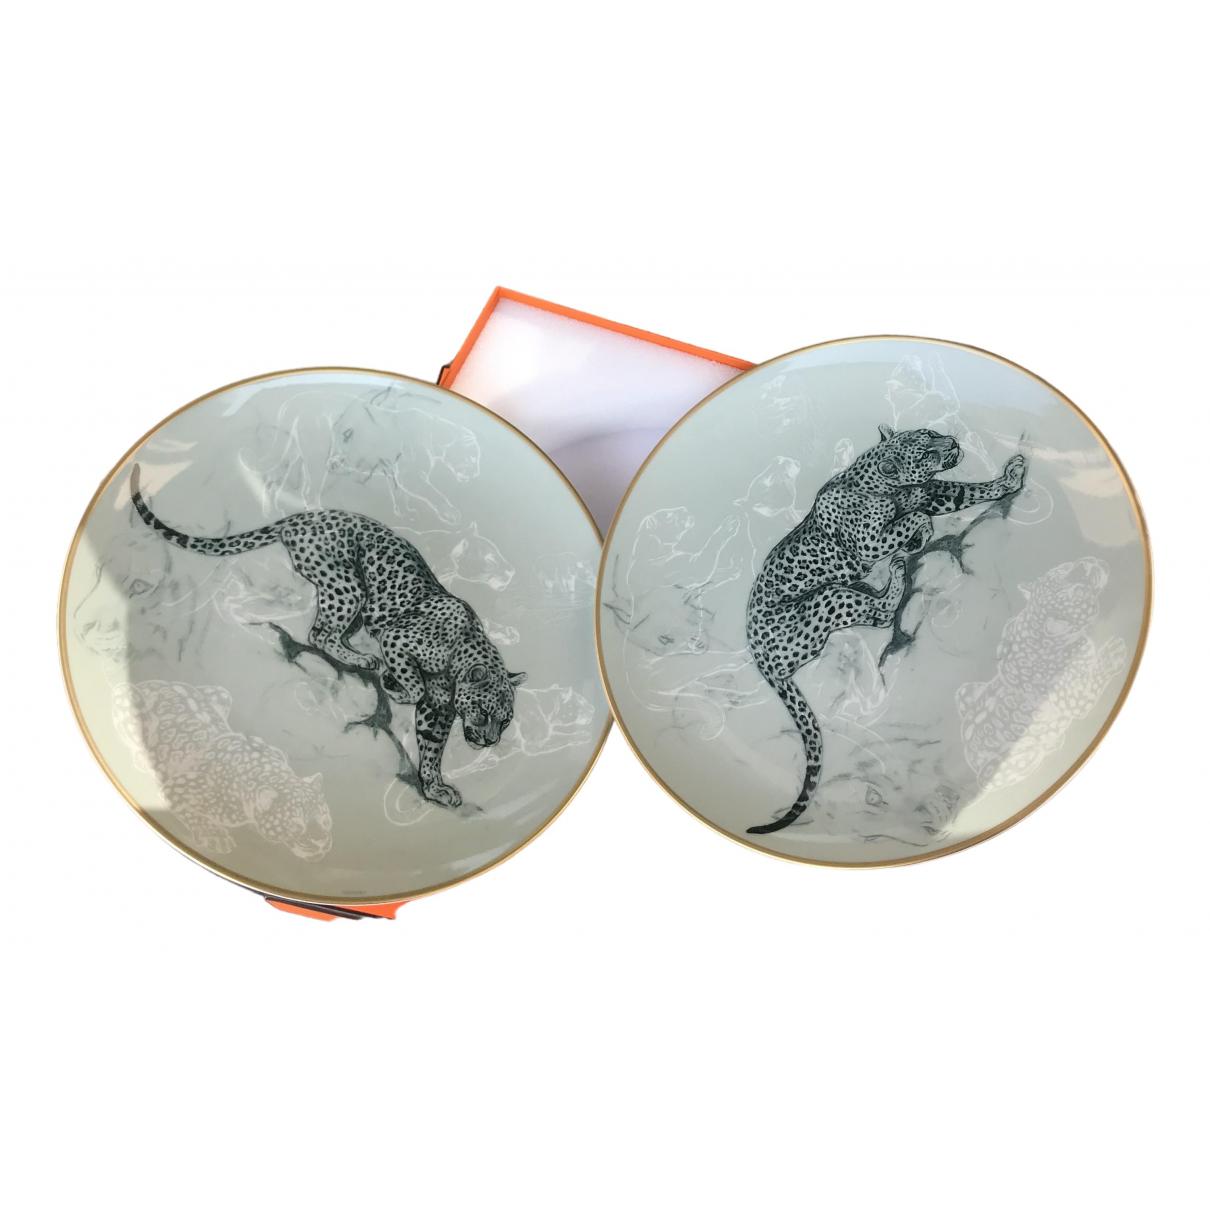 Platos Carnets d'Equateur de Porcelana Hermes